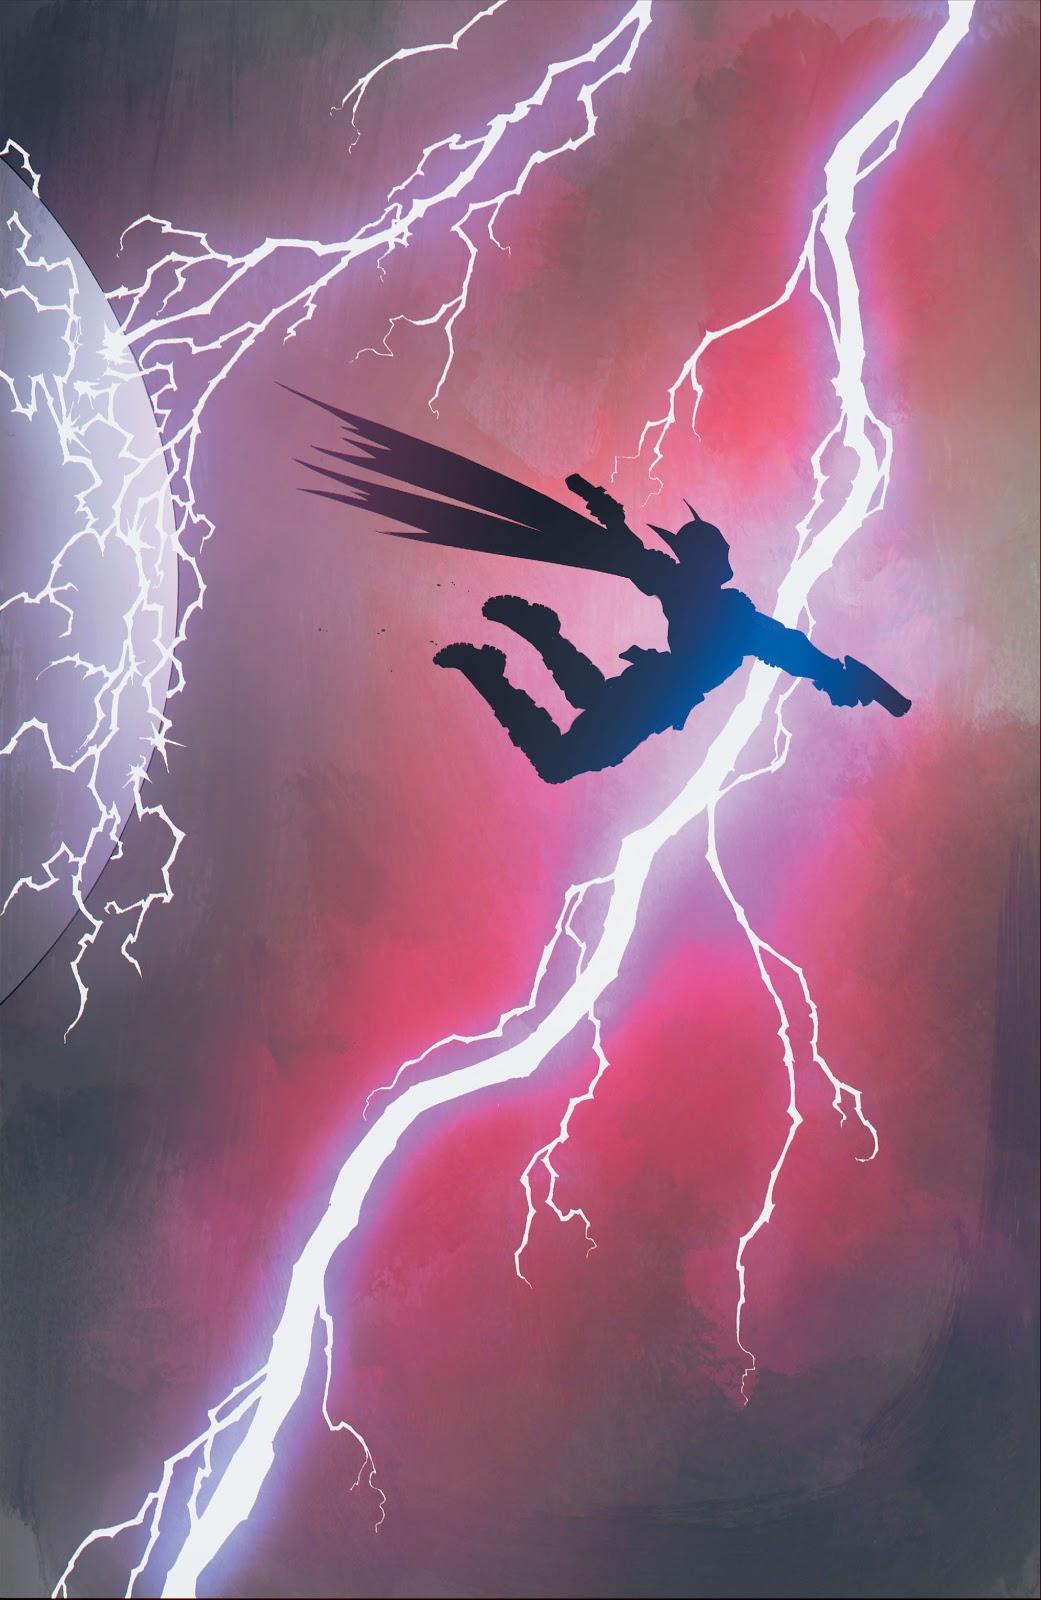 Batman Vol. 2 #29 2